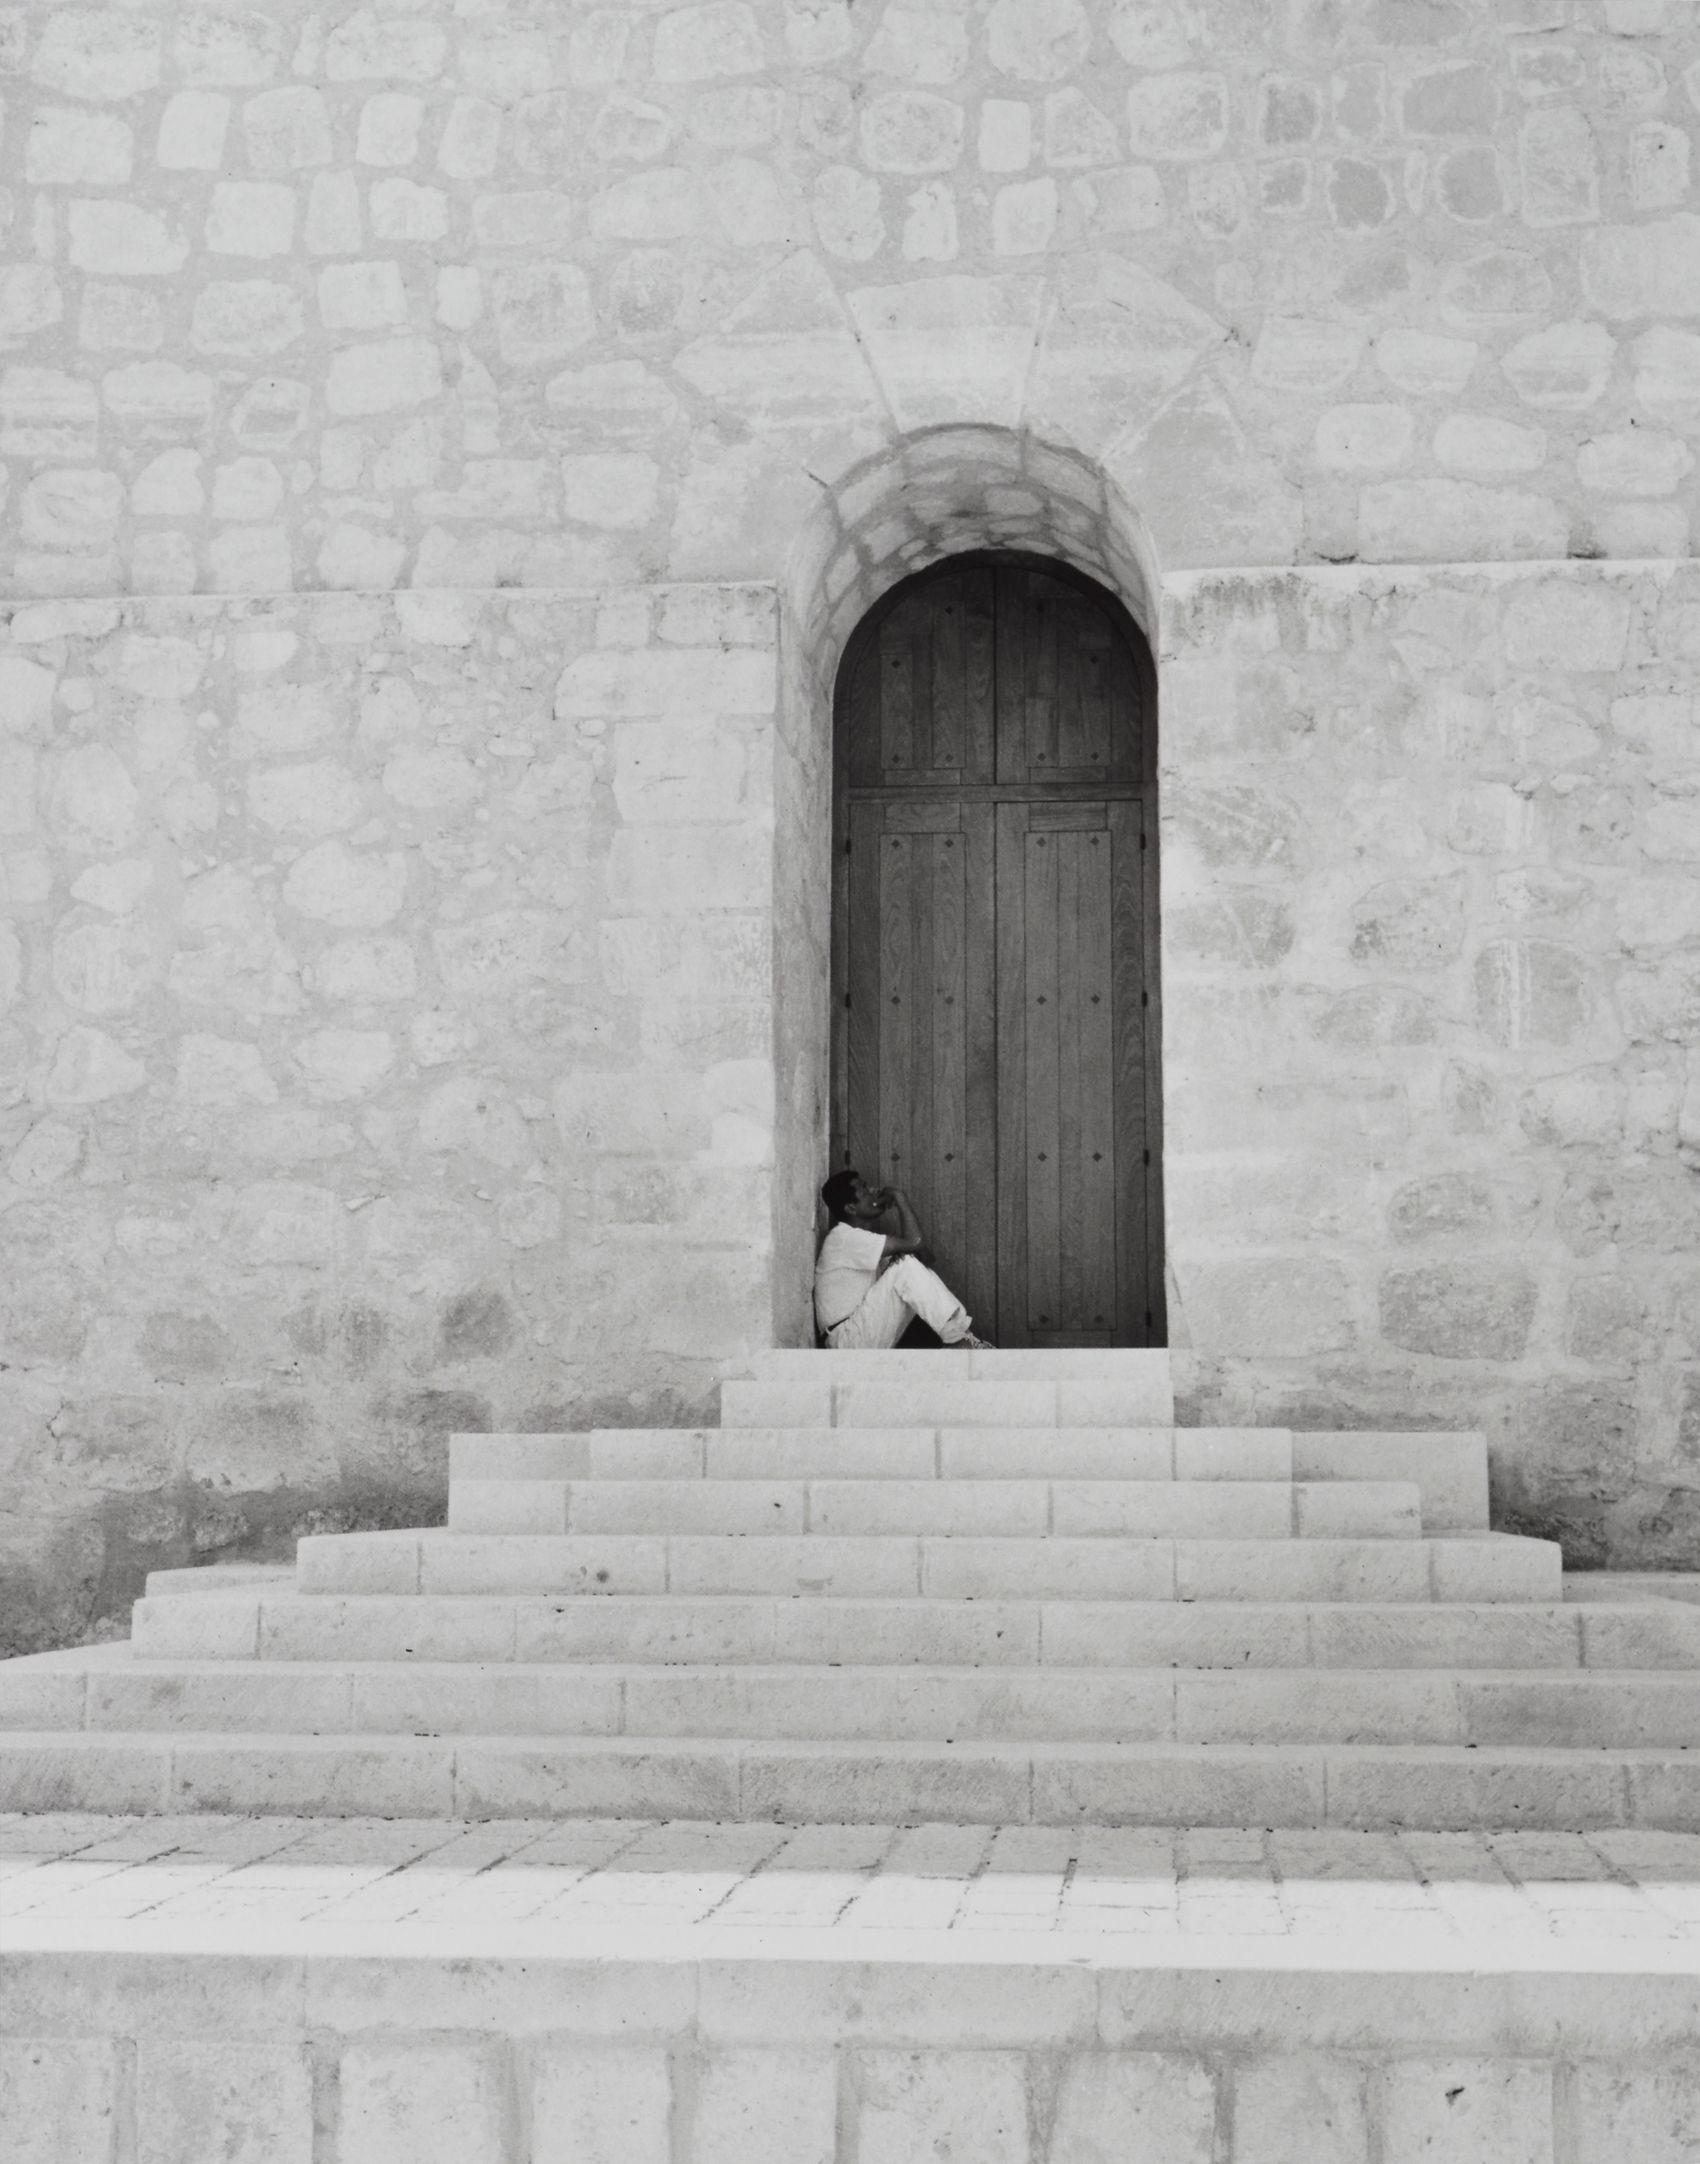 Resting in Doorway, Oaxaca